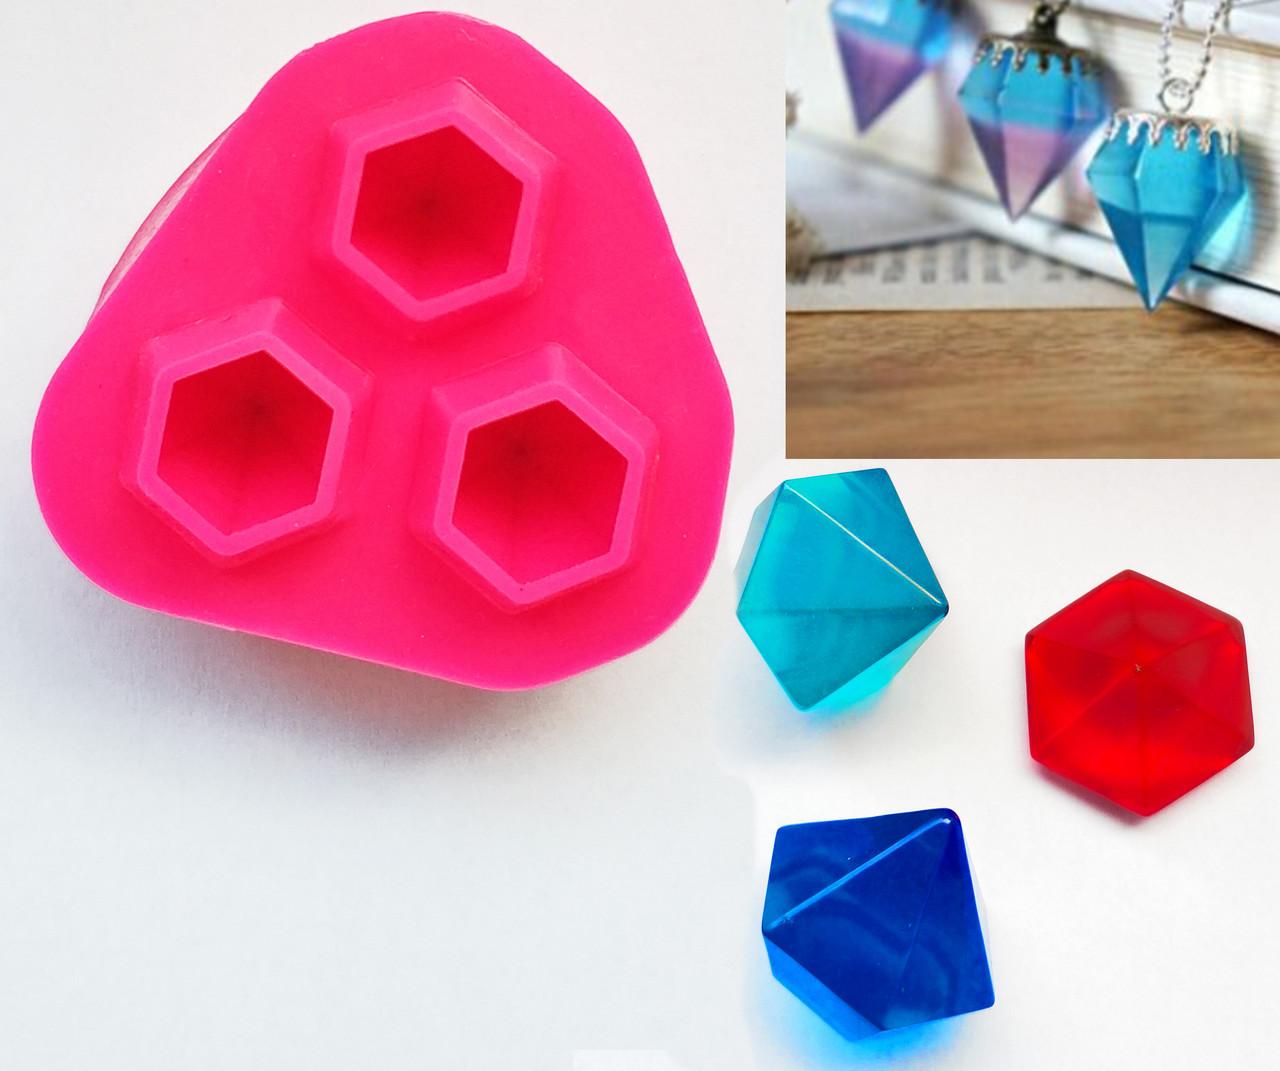 Молд 3 больших кристалла для эпоксидной смолы, глины, пищевых целей, платиновый силикон